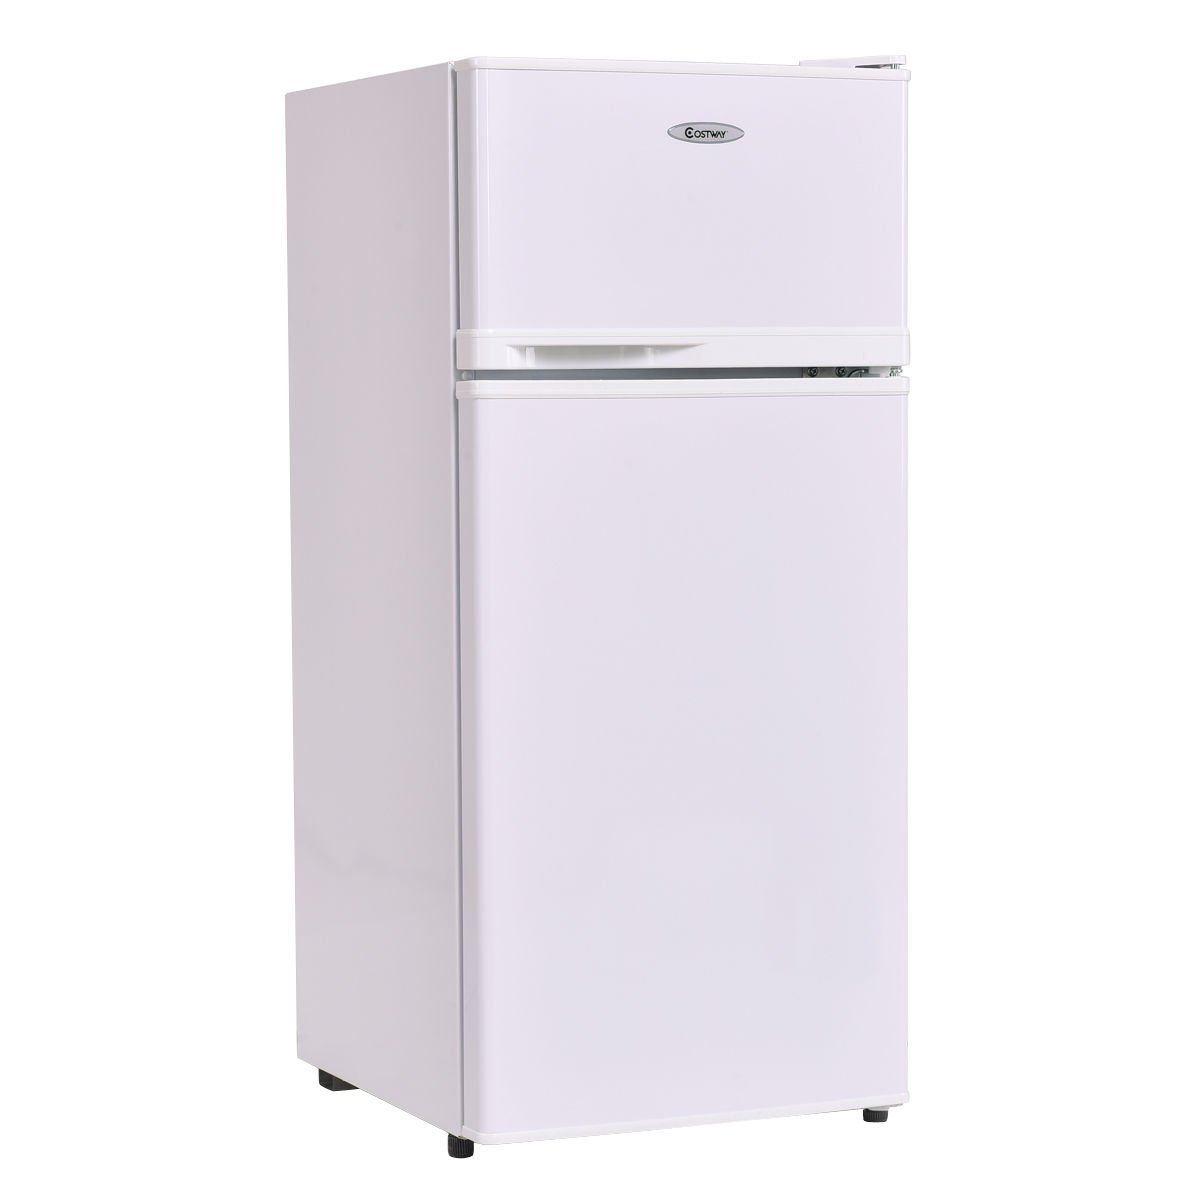 Costway 3.4 cu. ft. 2 Door Compact Mini Refrigerator Freezer Cooler,White